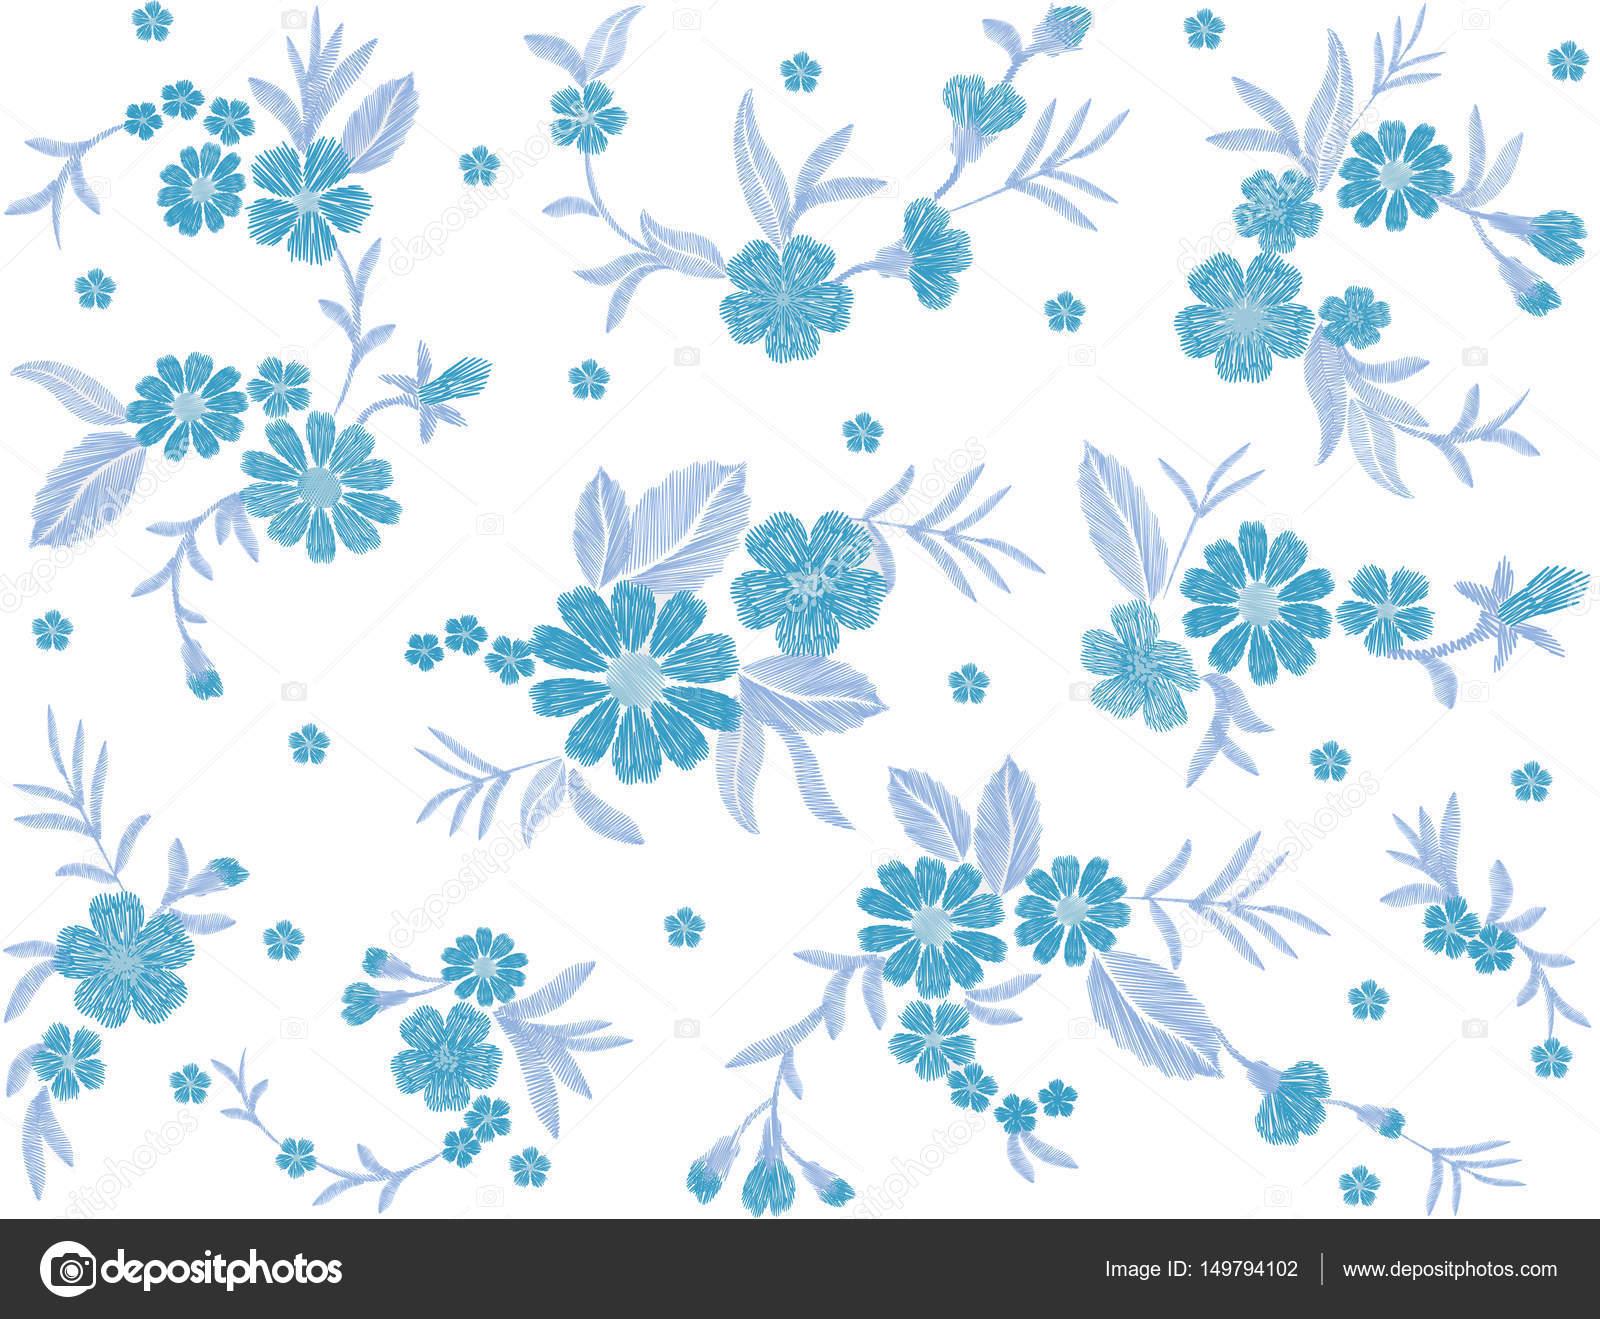 Azul flor de patrones sin fisuras campo moda parche tela bordada ...